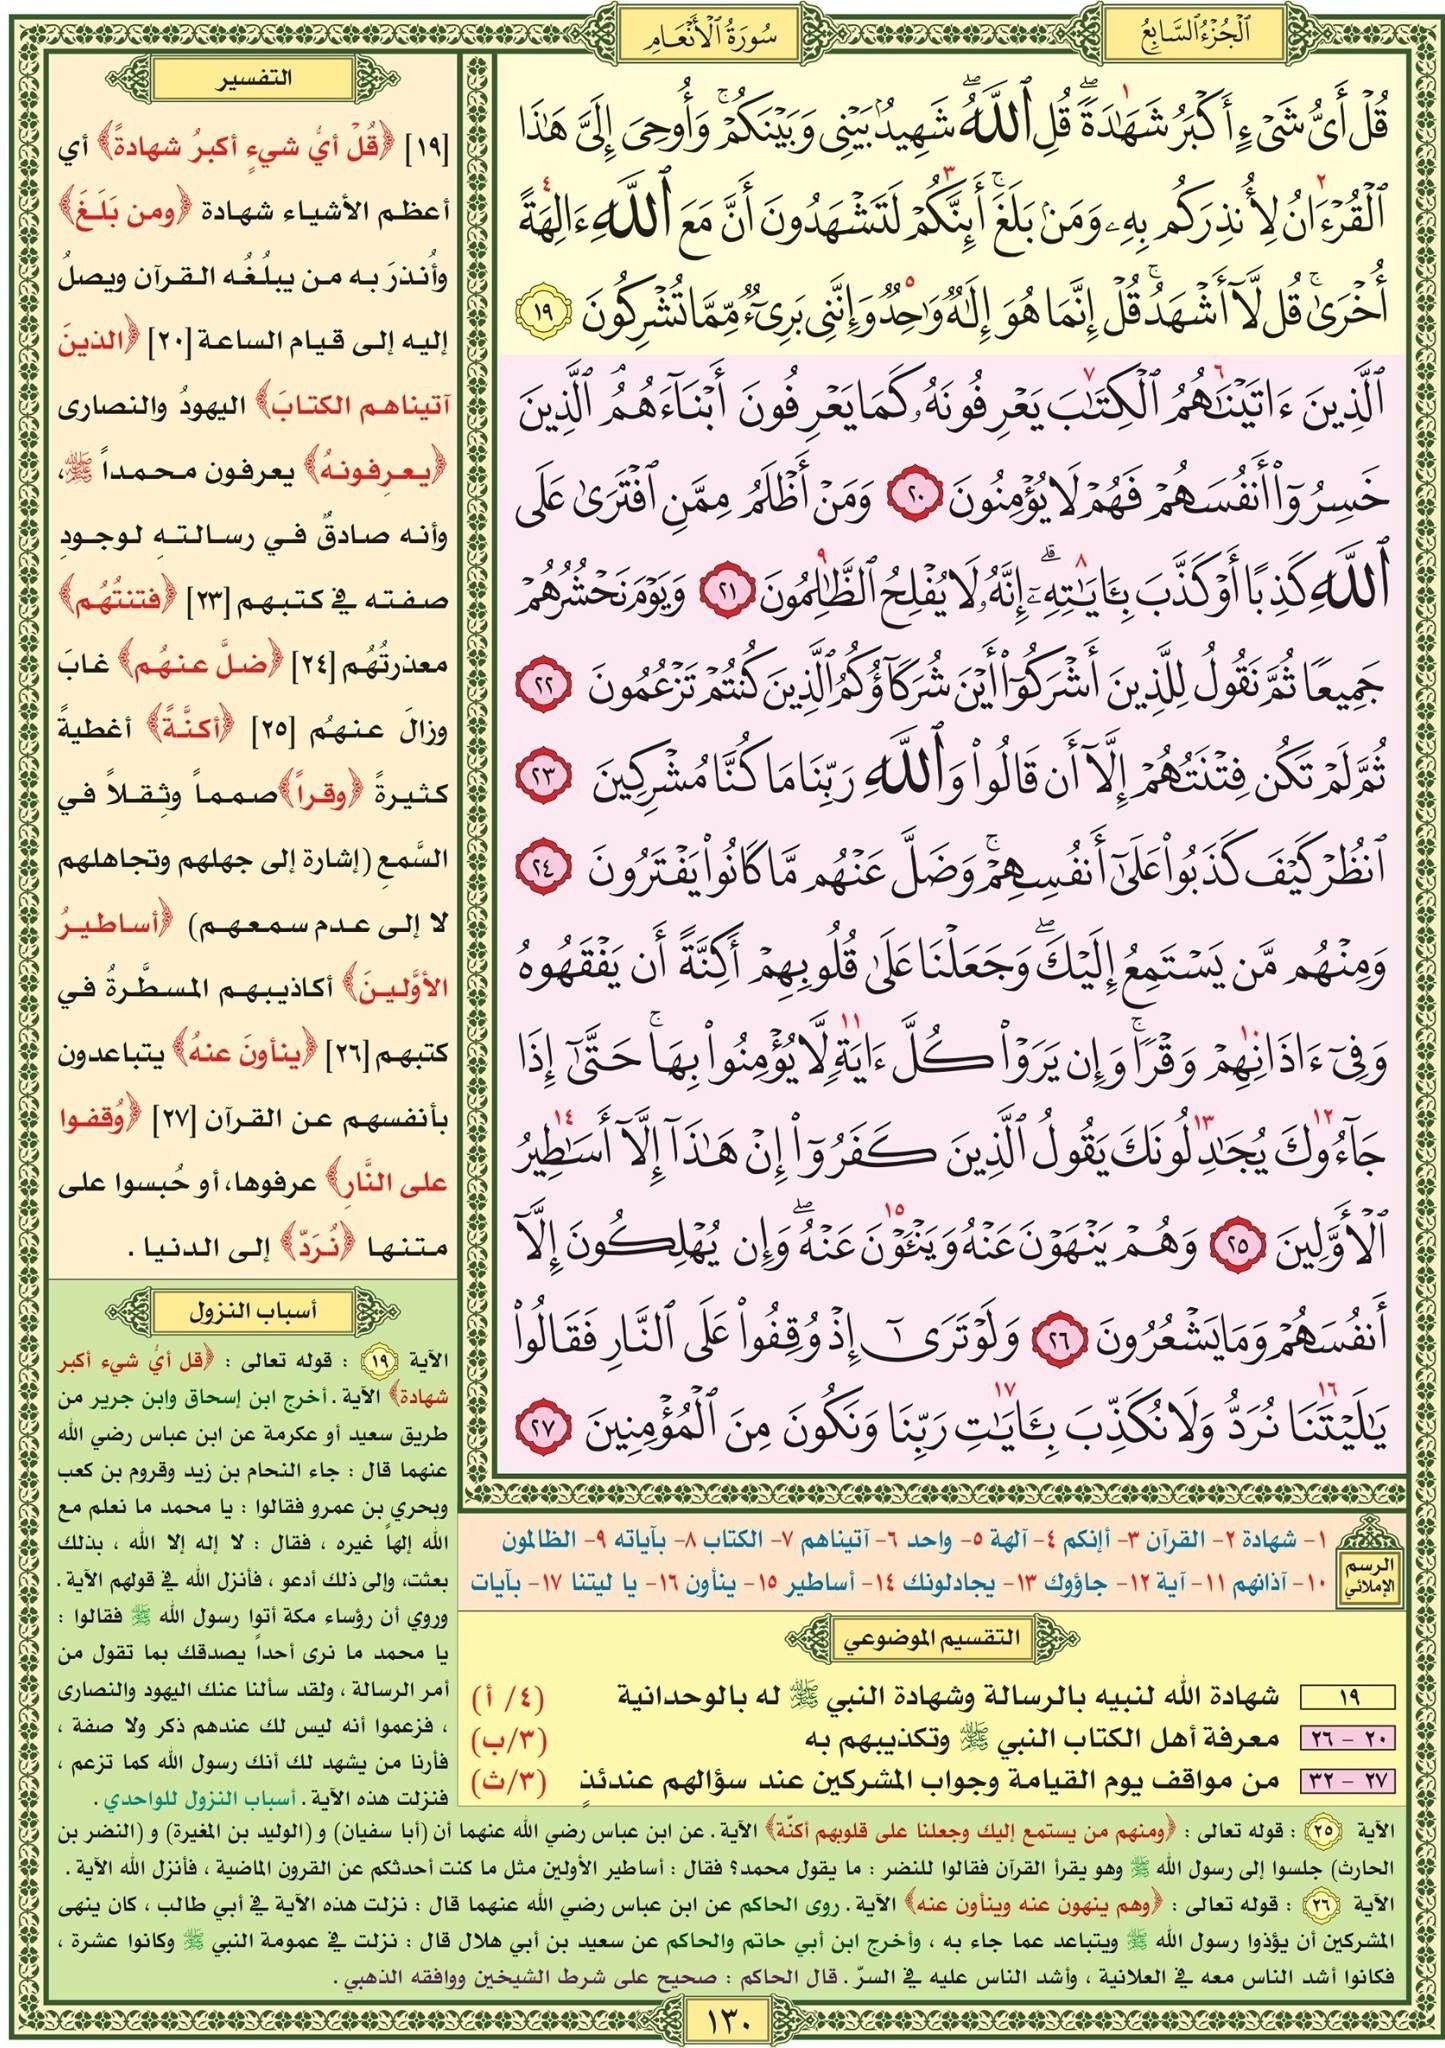 سورة الأنعام صفحة ١٣٠ مصحف التقسيم الموضوعي للحافظ المتقن Holy Quran Book Quran Verses Quran Book